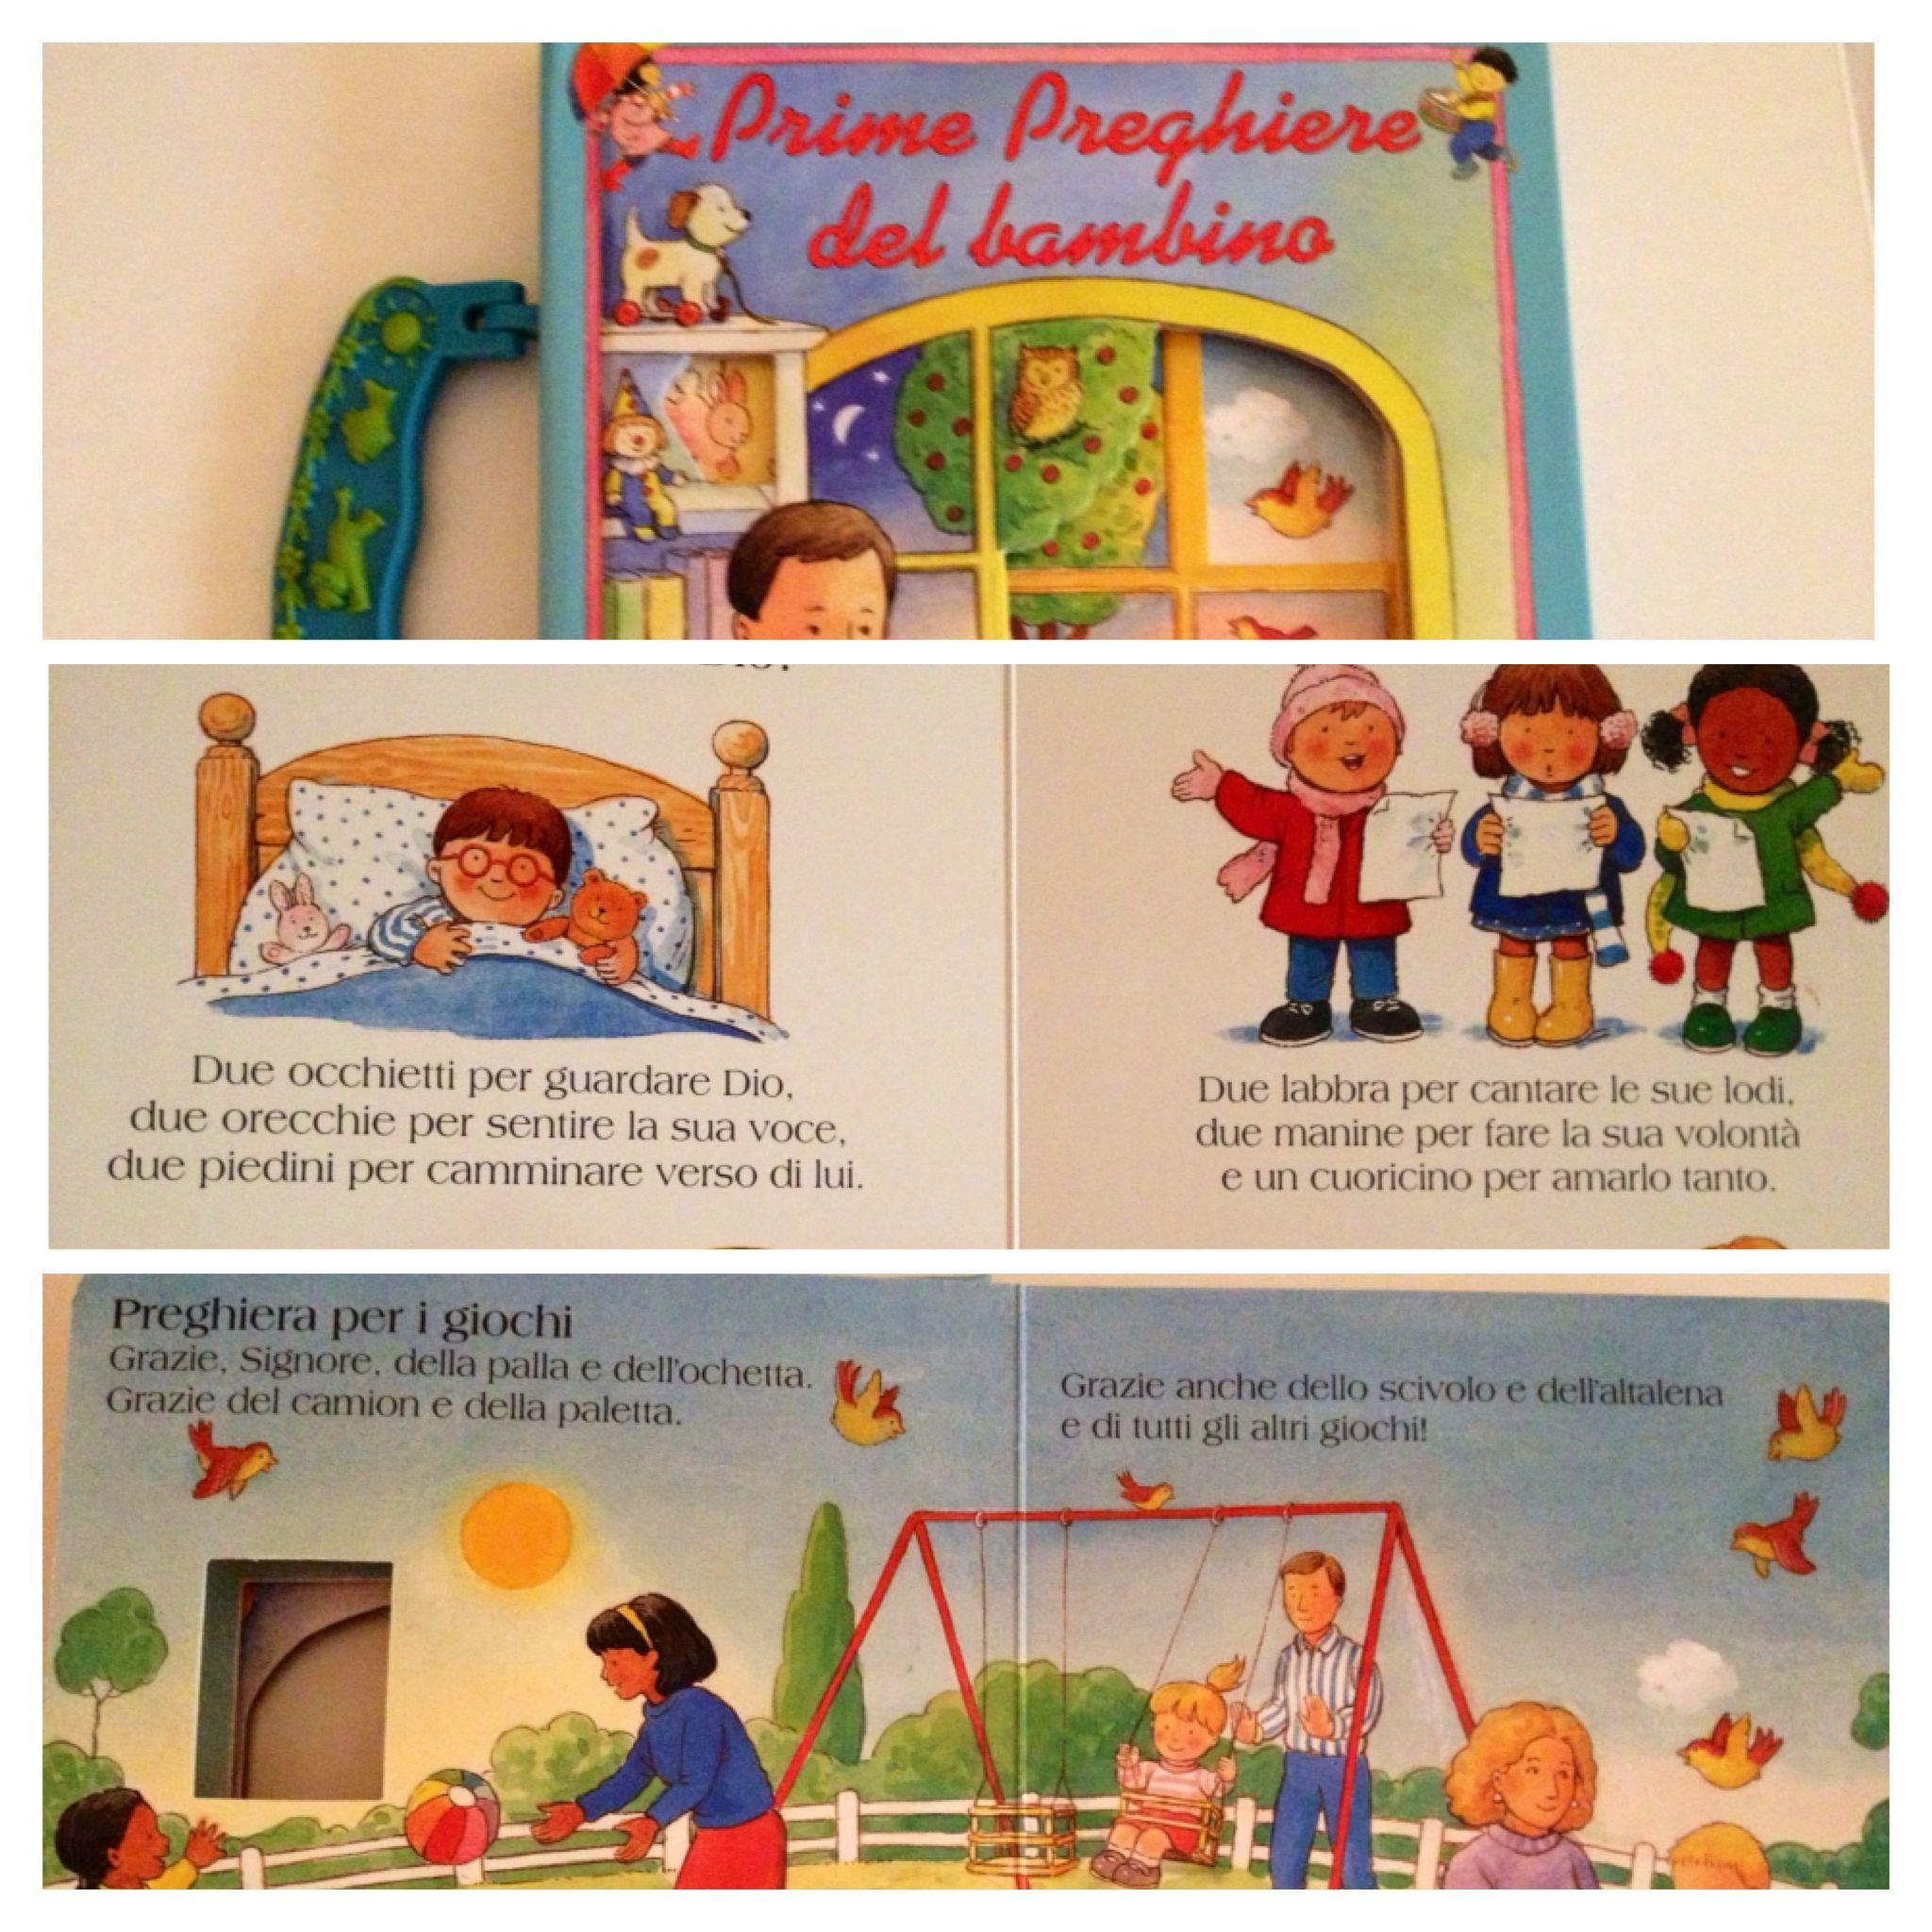 Un libricino delle prime preghiere bimbi piccoli (davvero carino e colorato) www.mammachegioia.it